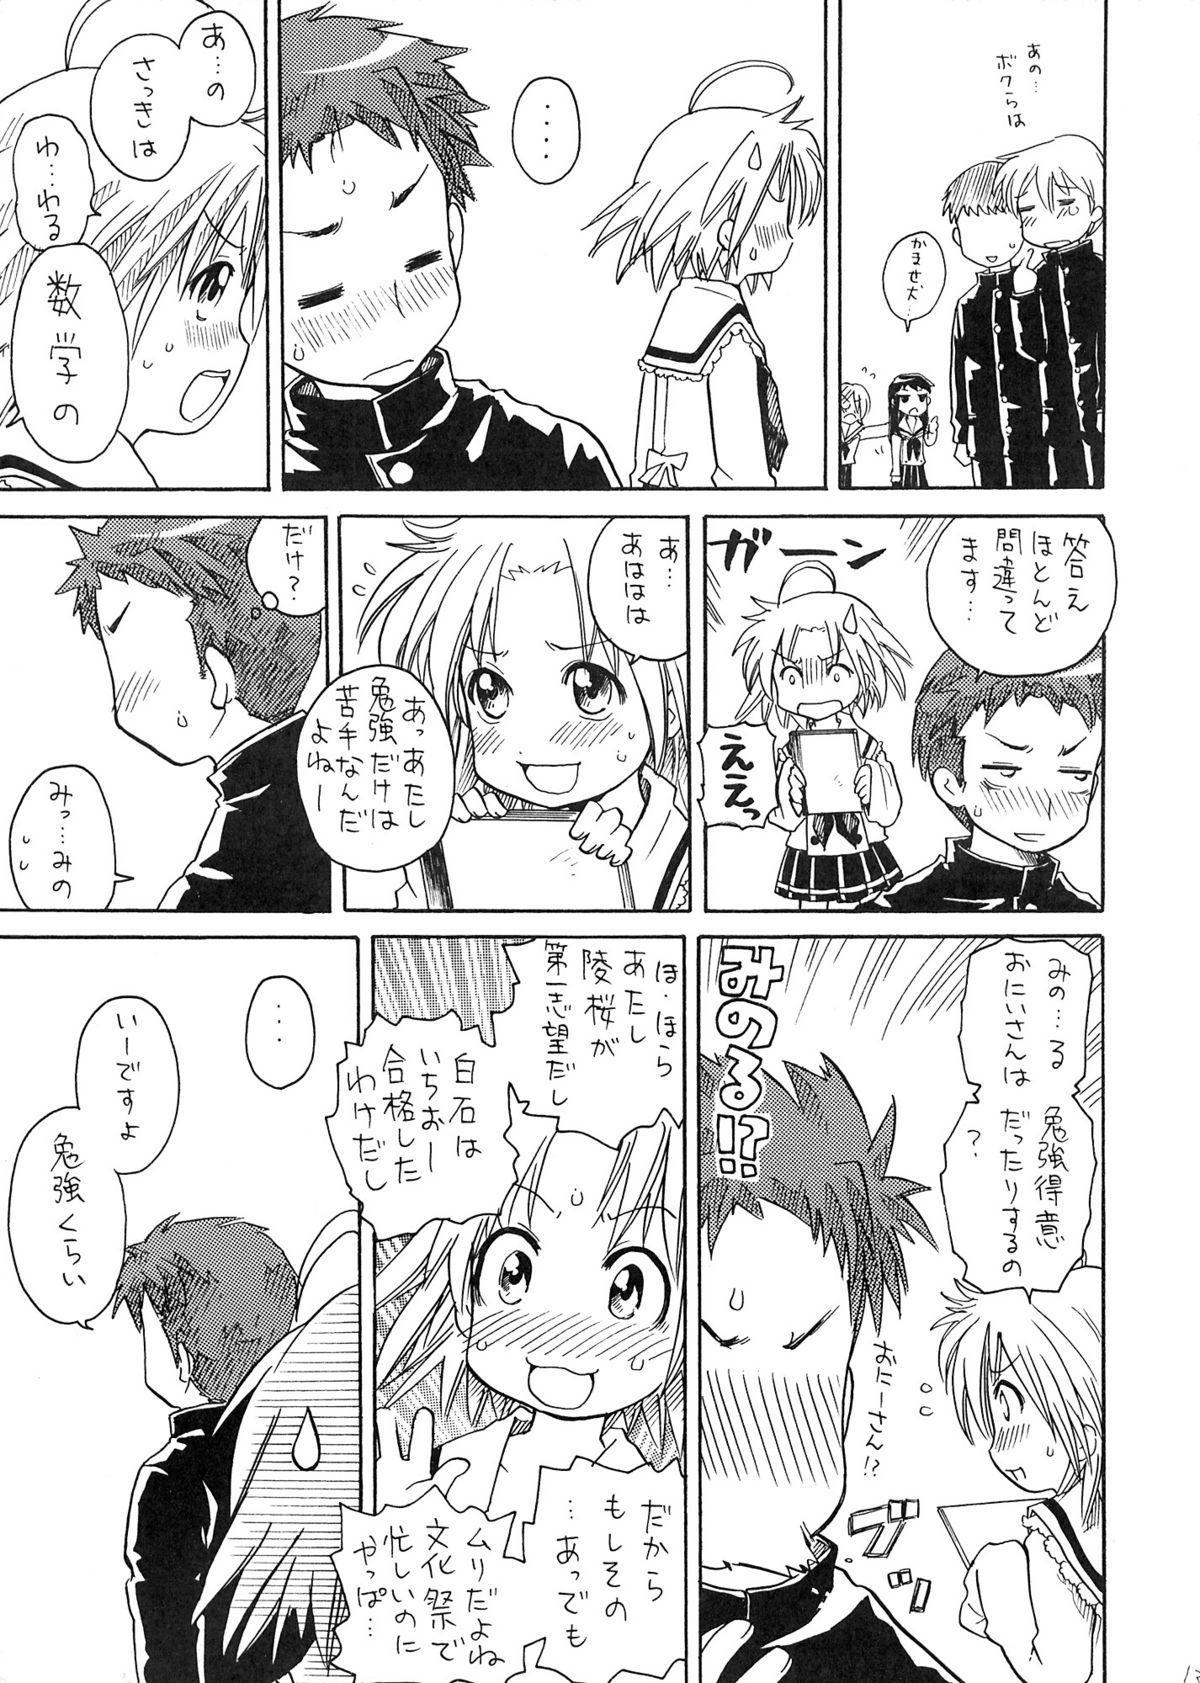 Akira-sama no Yuuutsu 12